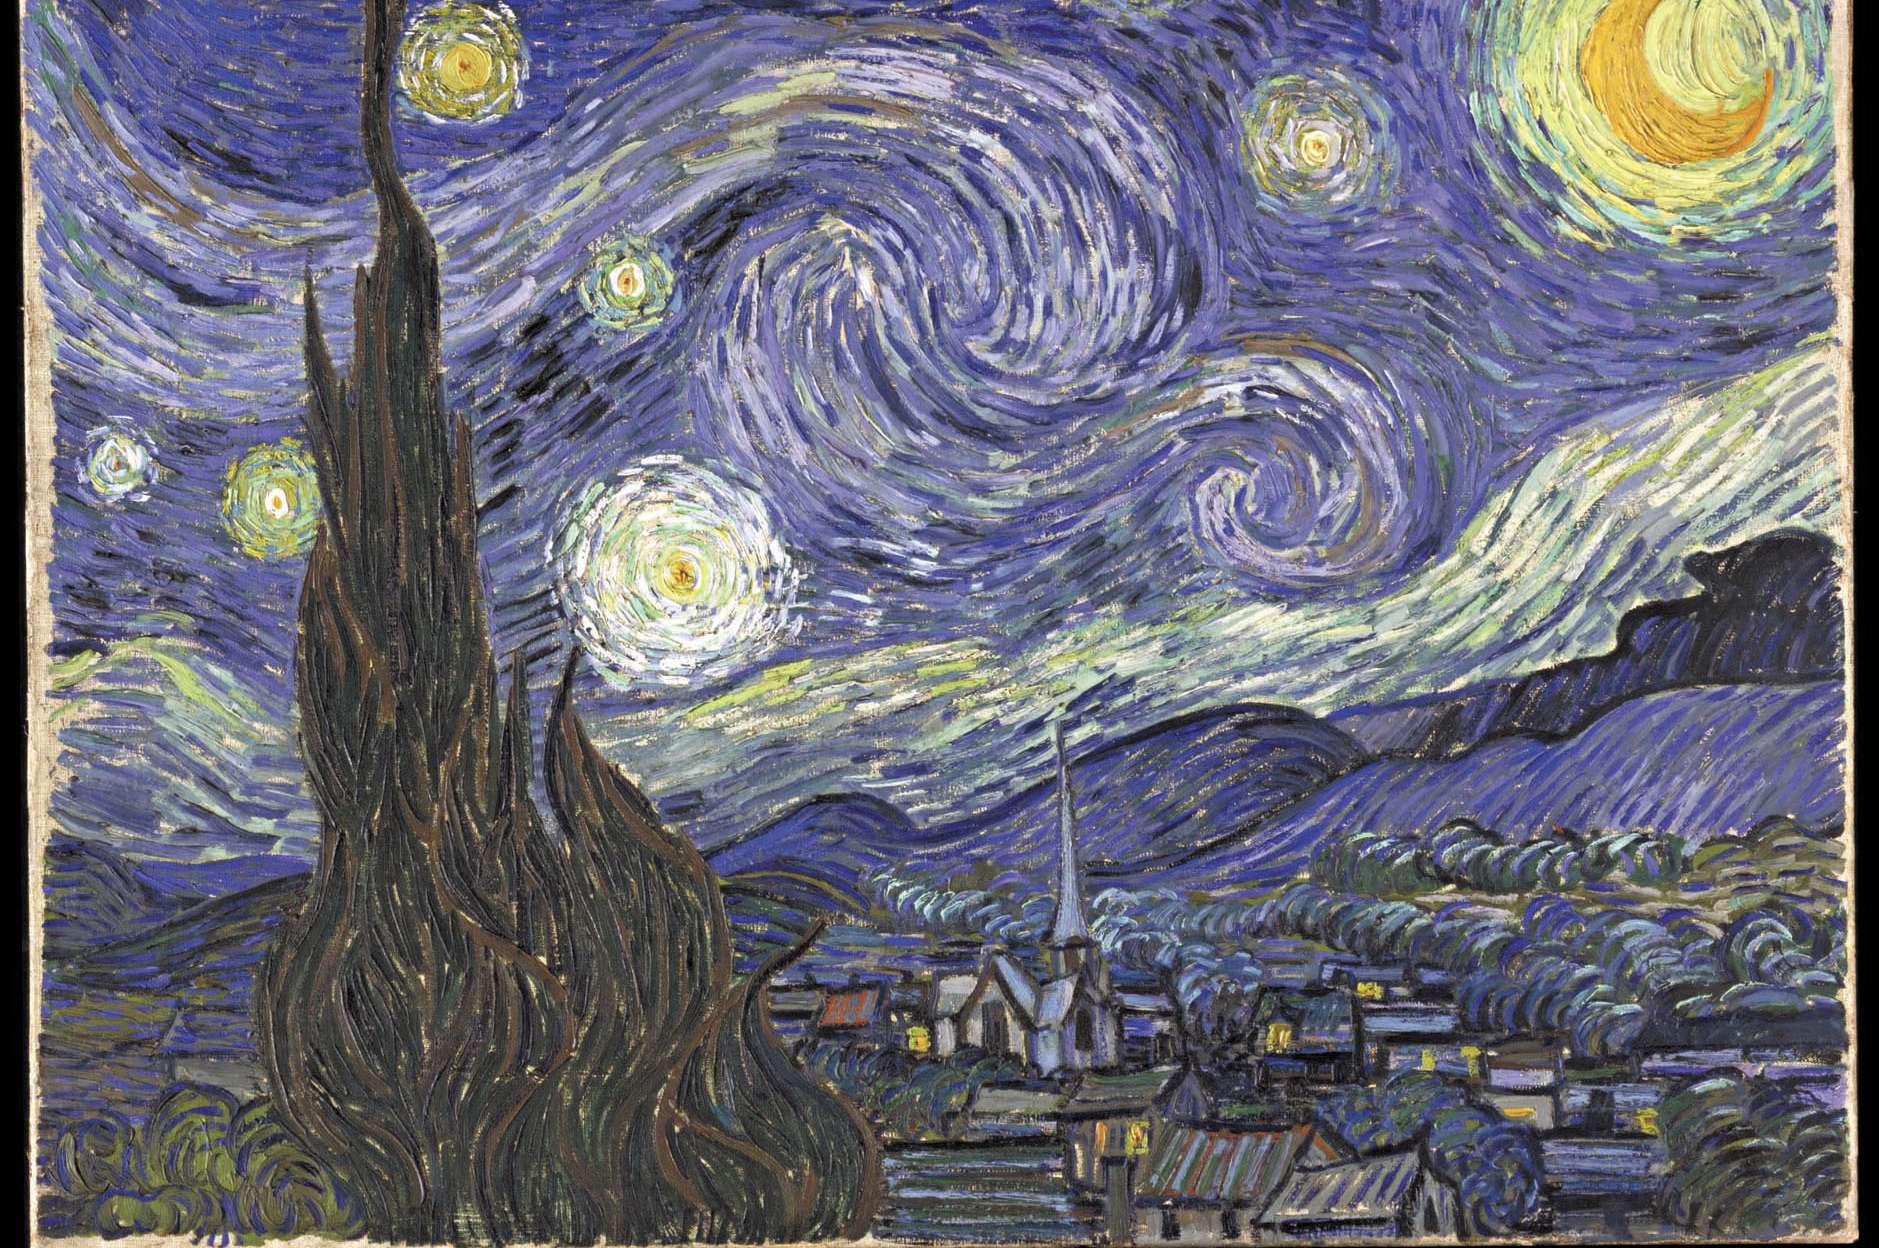 Những bức tranh có màu sắc ảm đạm sẽ tạo nên sự mệt mỏi, thiếu sức sống cho các thành viên trong gia đình